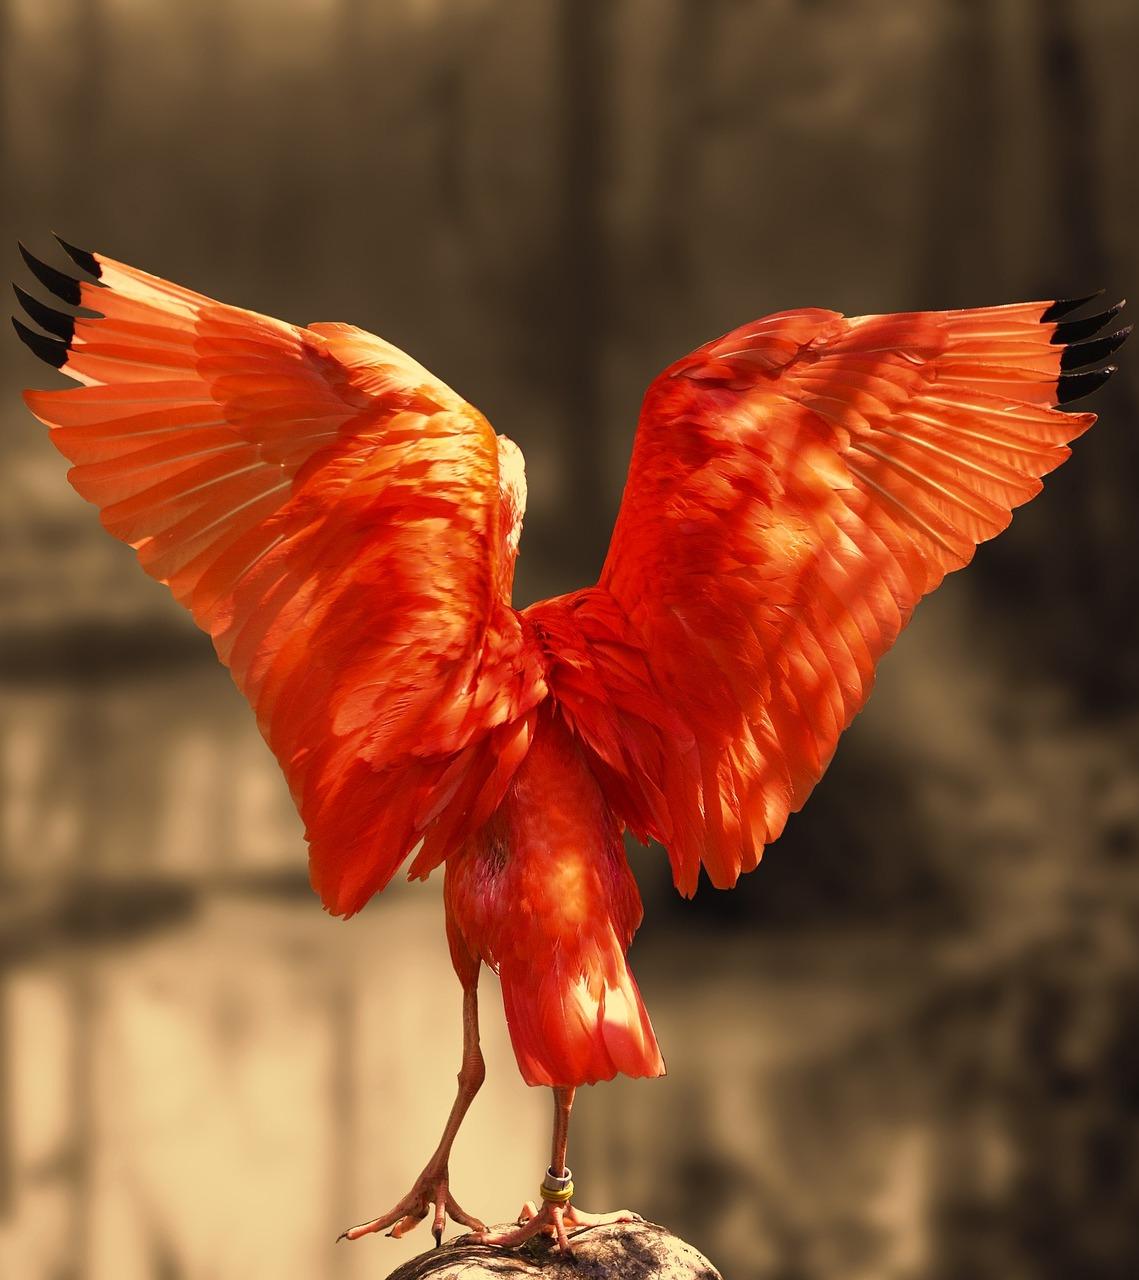 Scarlet ibis angel like wings.